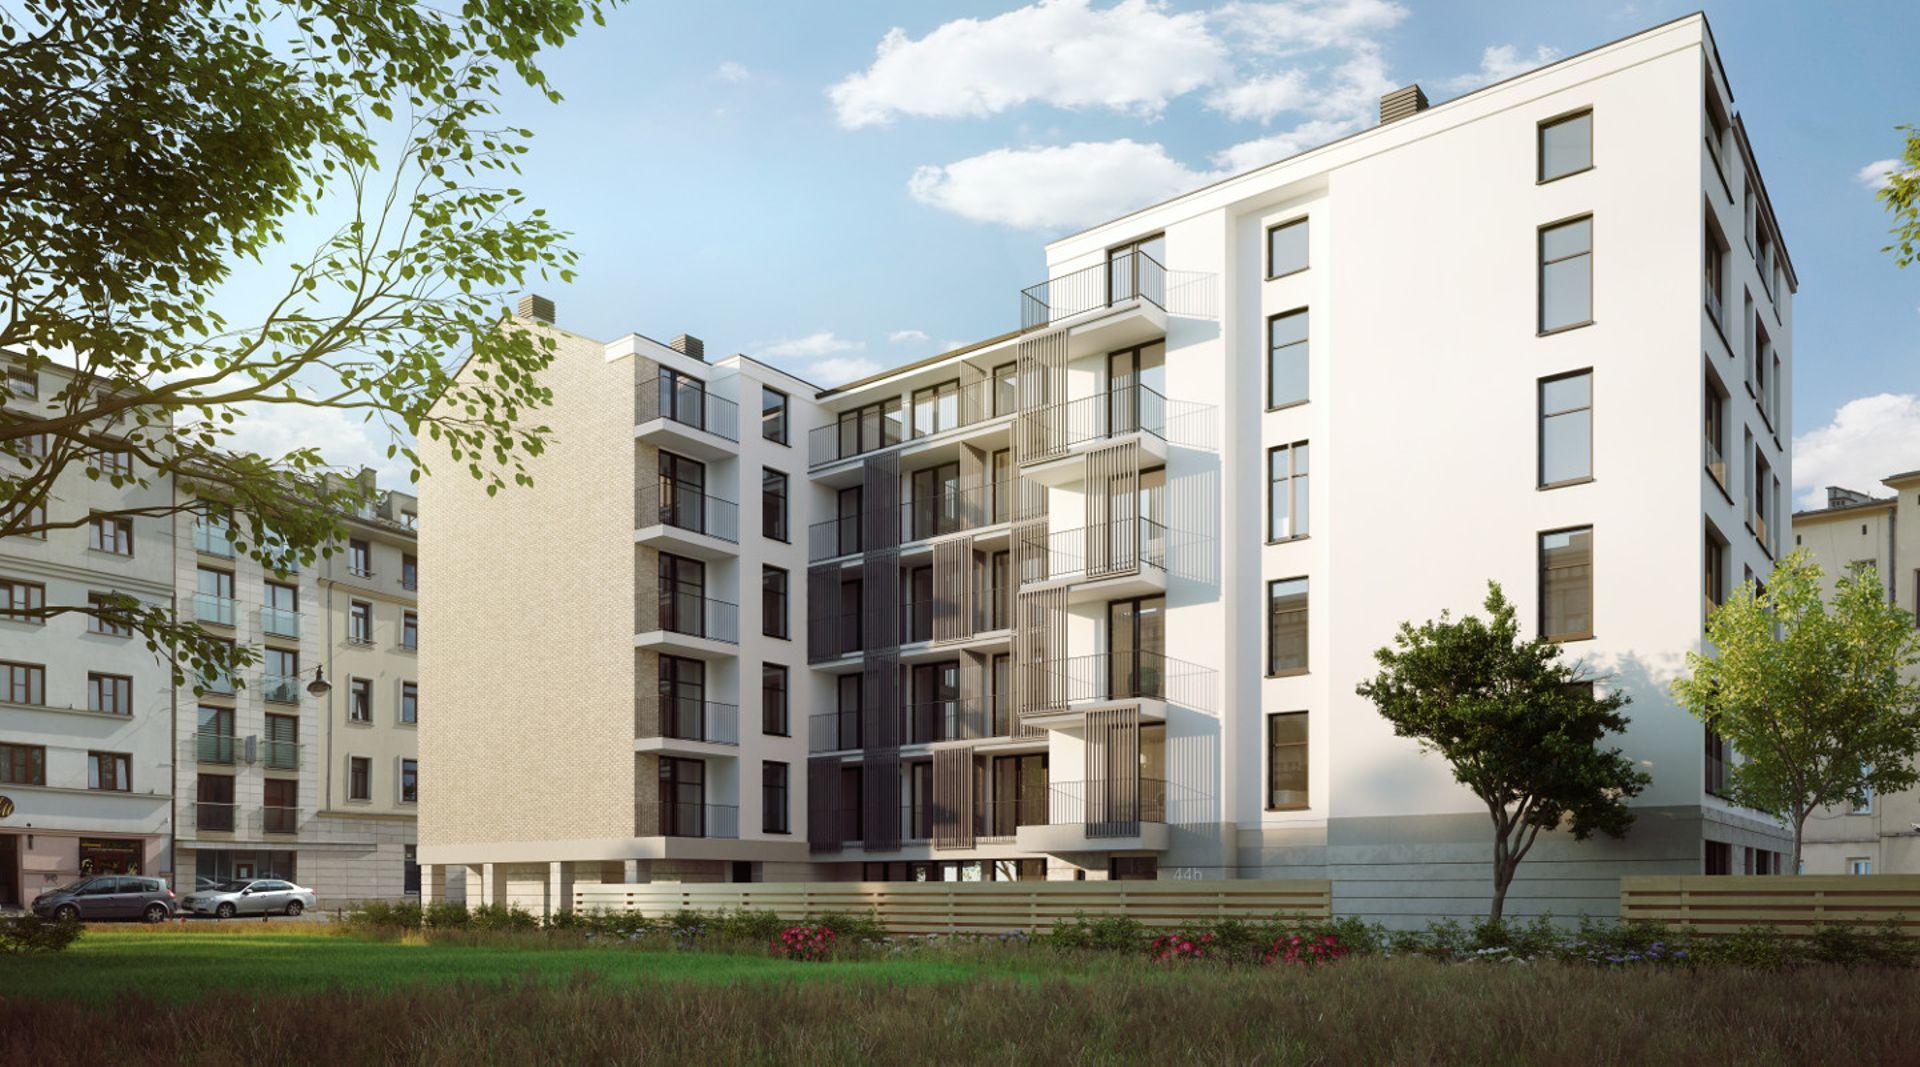 Kraków: Przy ulicy Miodowej powstaje nowy apartamentowiec